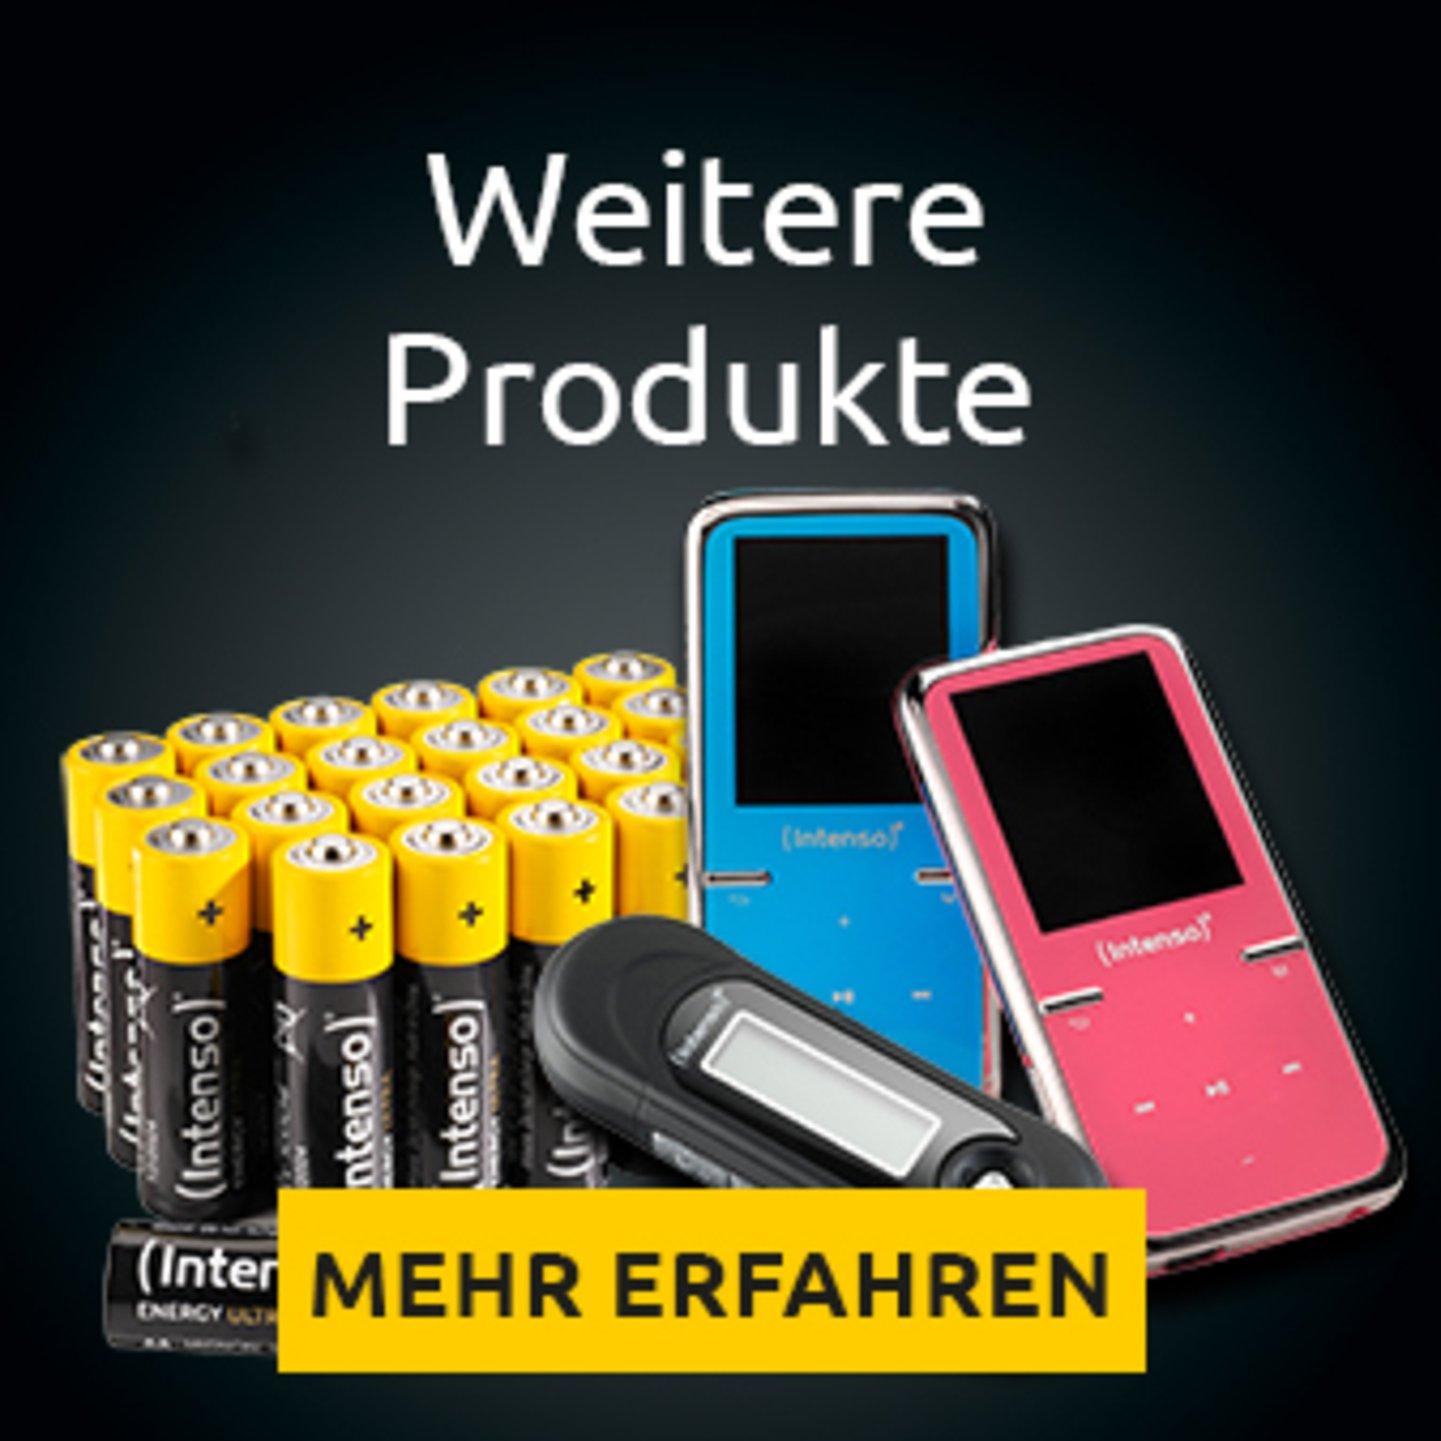 Weitere Produkte